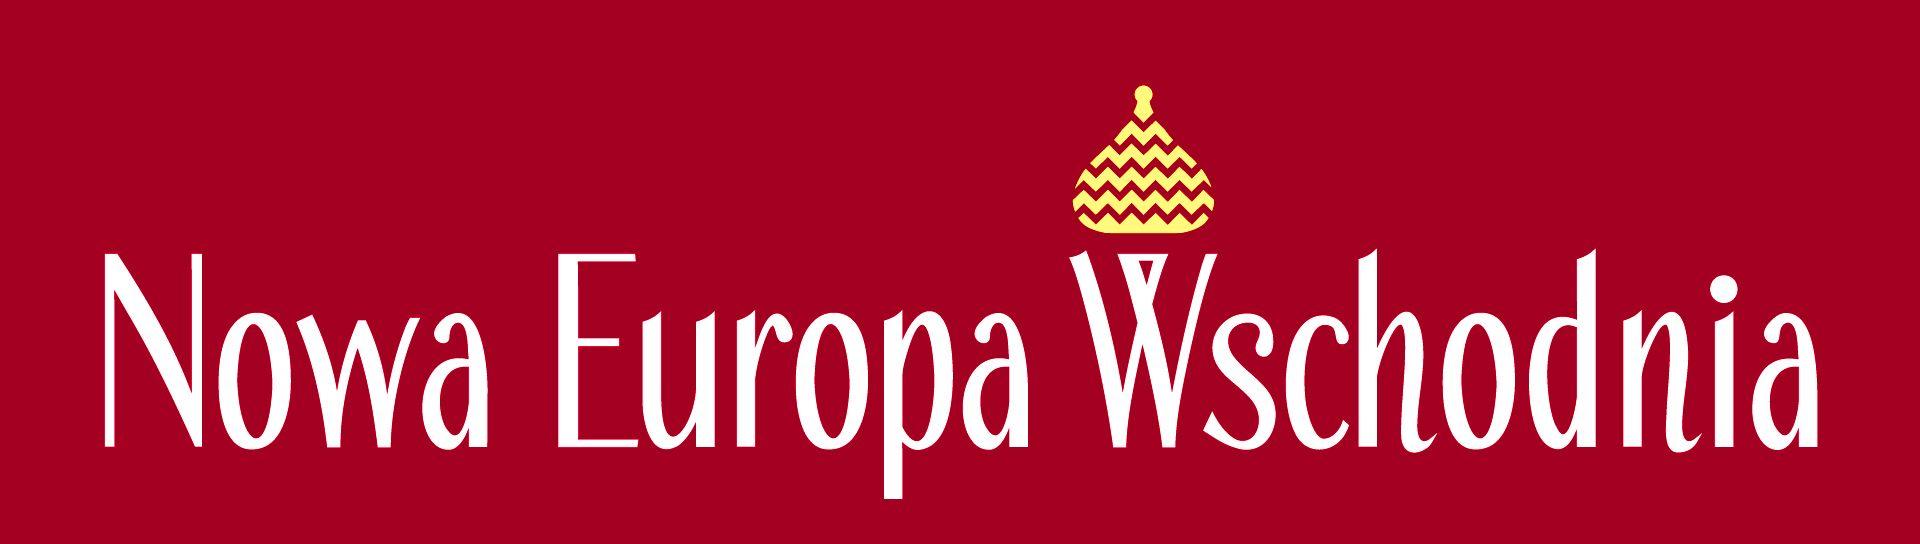 Nowa Europa Wschodnia